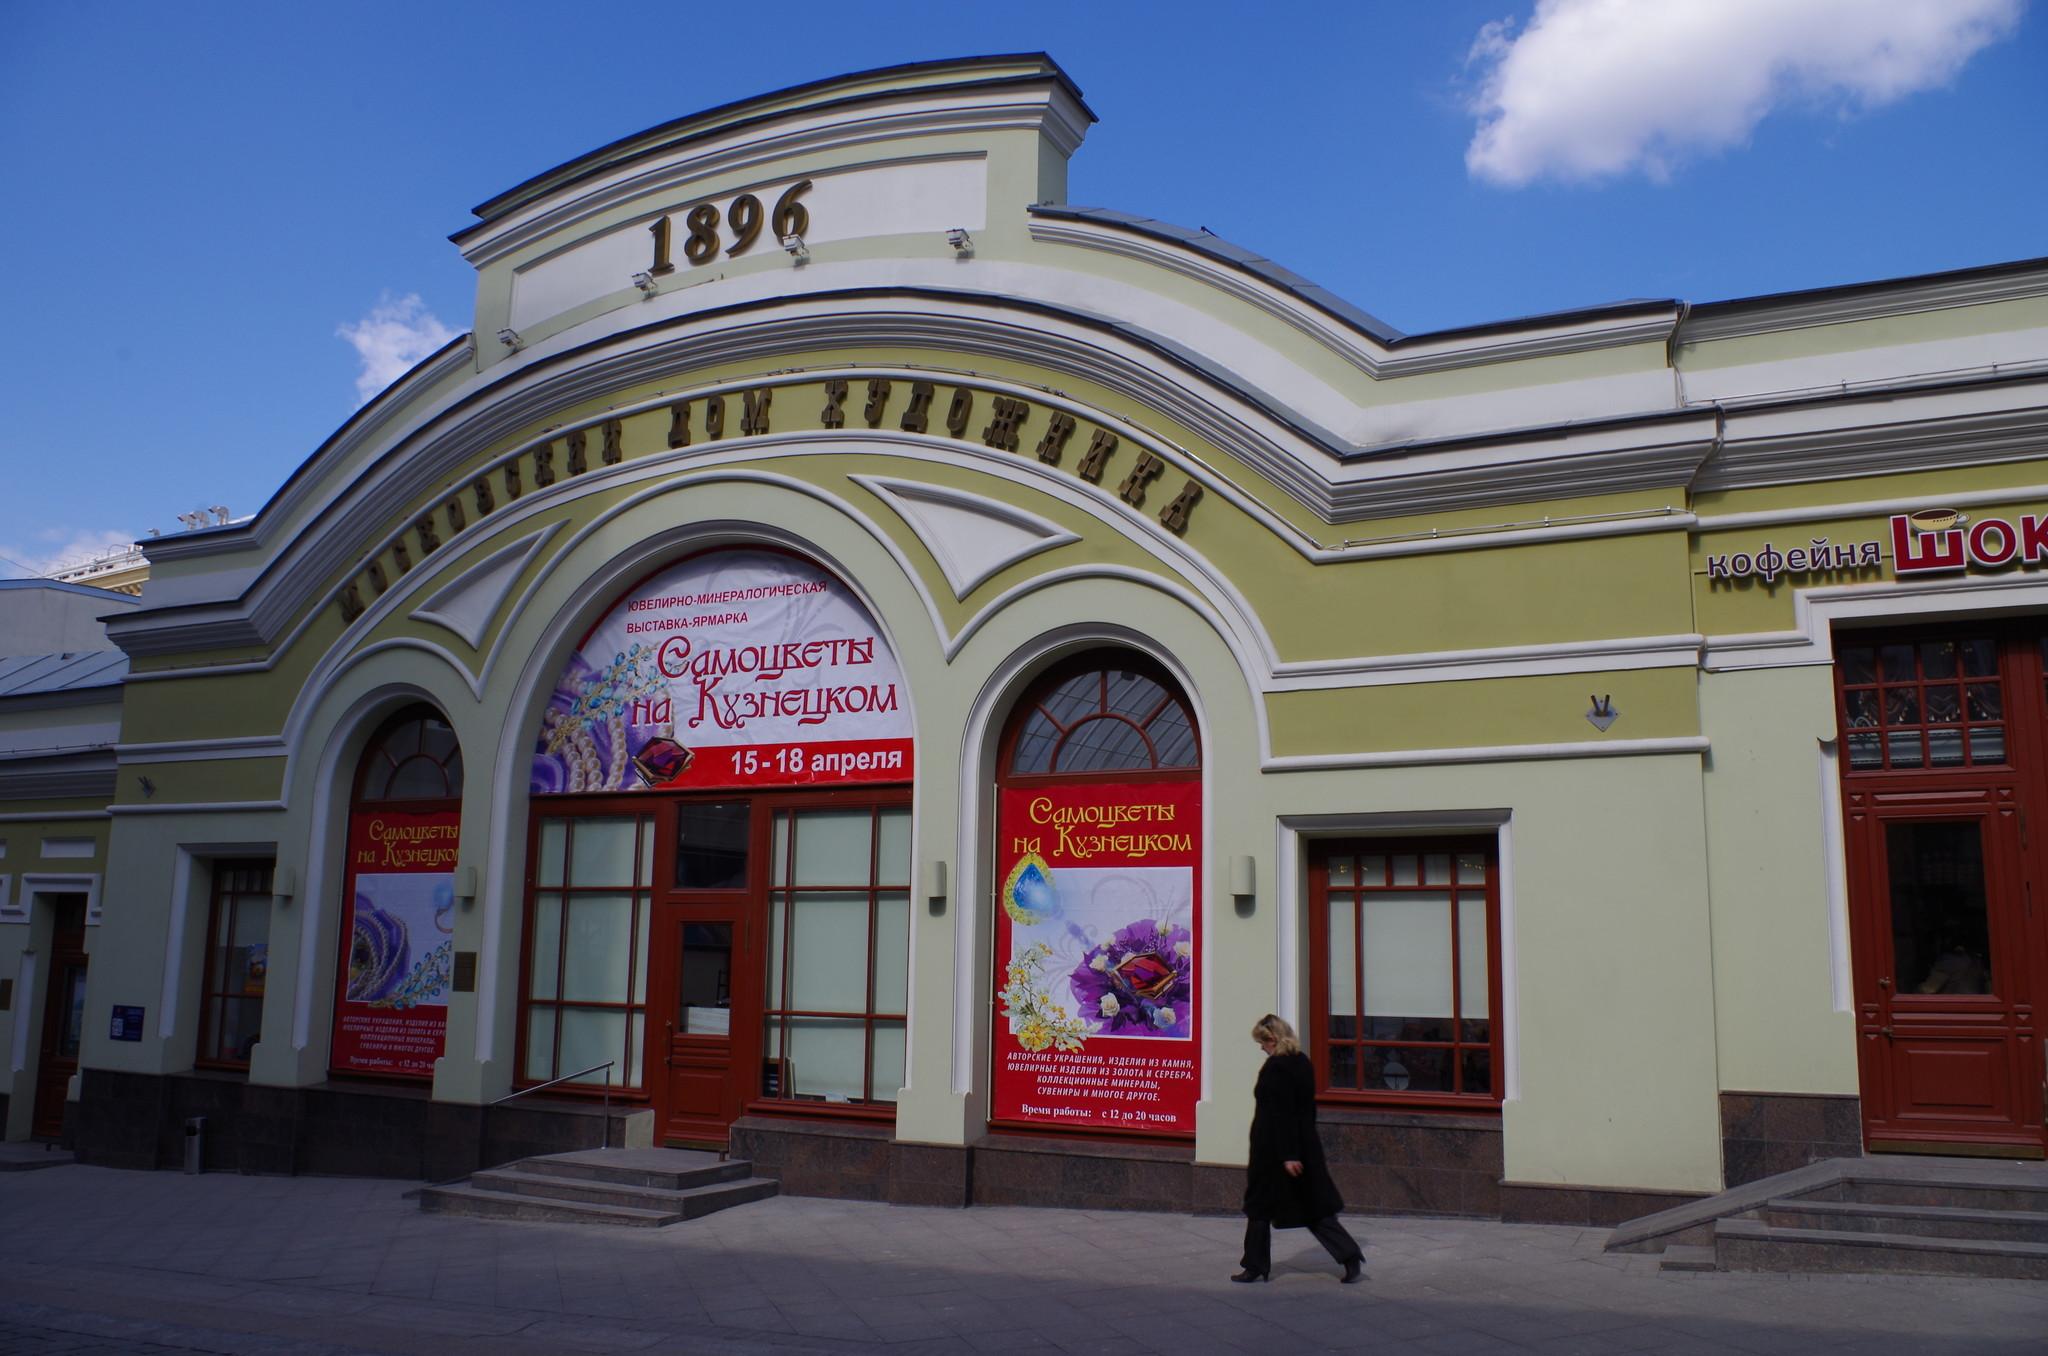 Пассаж Сан-Галли (Московский дом художника). Кузнецкий Мост, дом 11